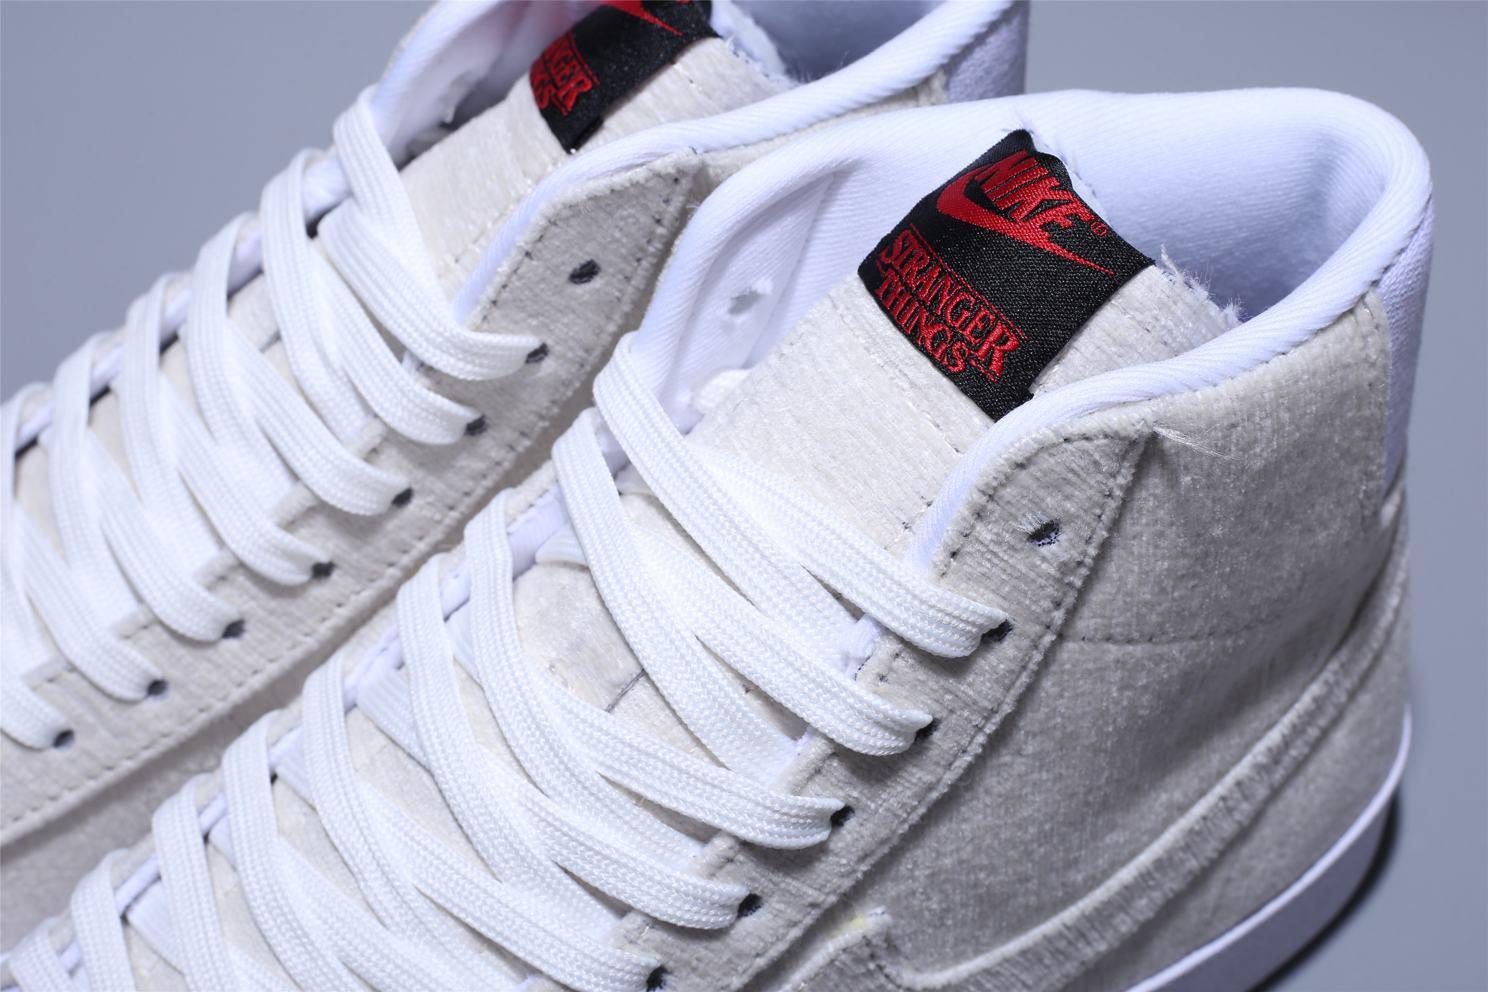 Nike Stranger Things x Blazer Mid QS Upside Down 11